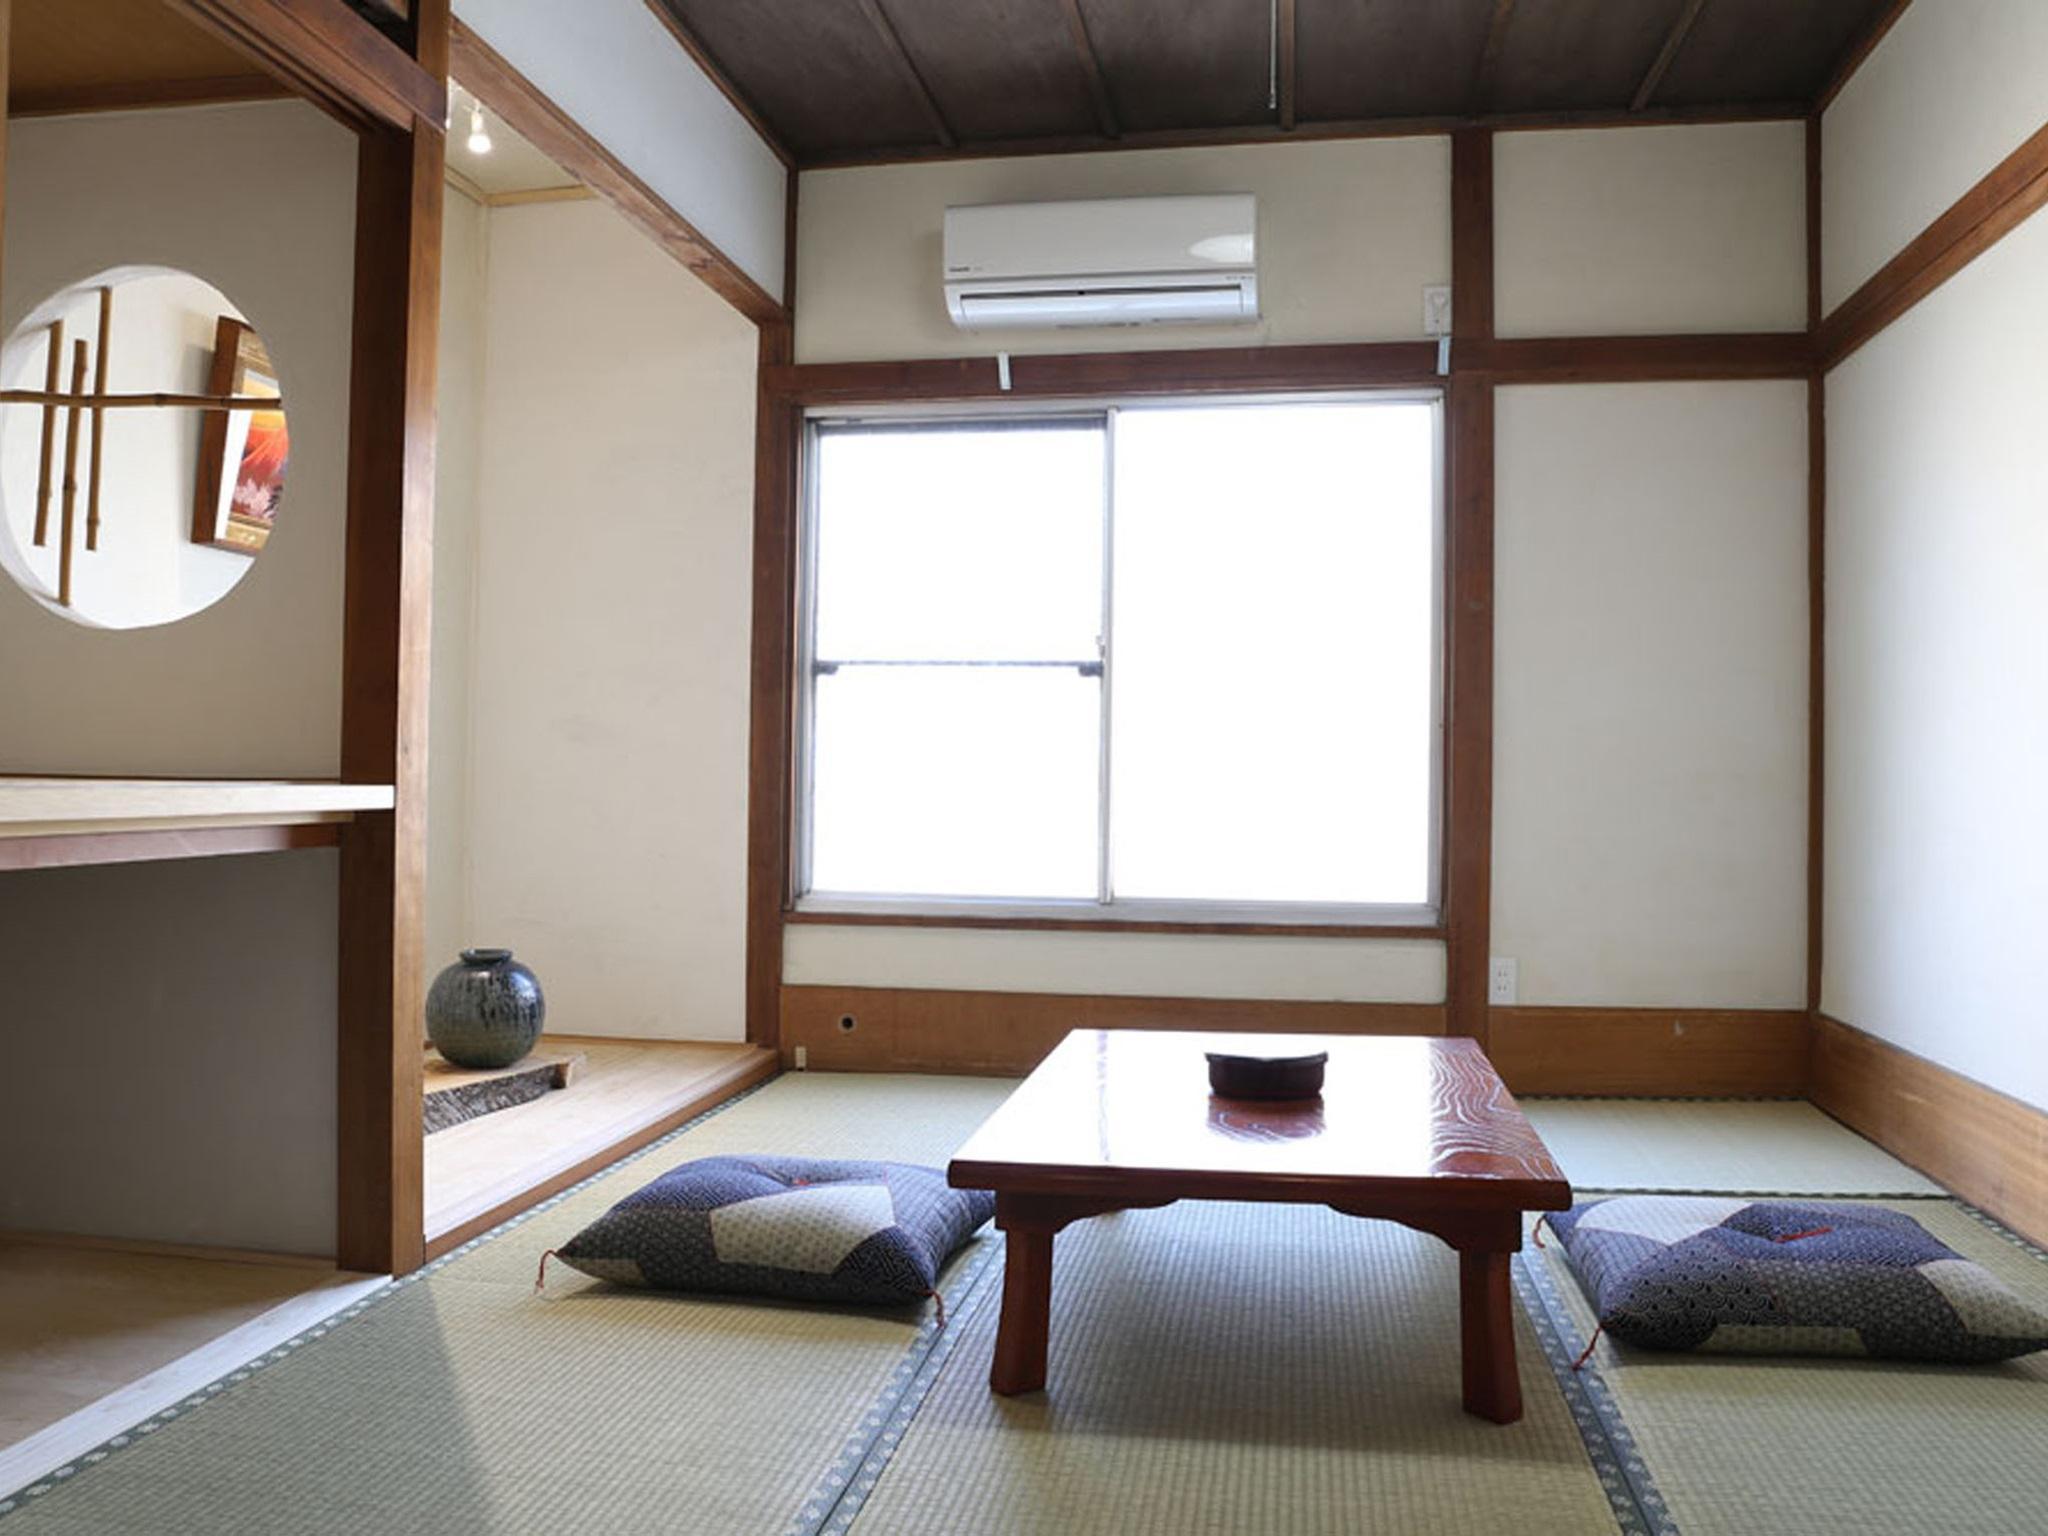 Guest House Kagaribi, Adachi